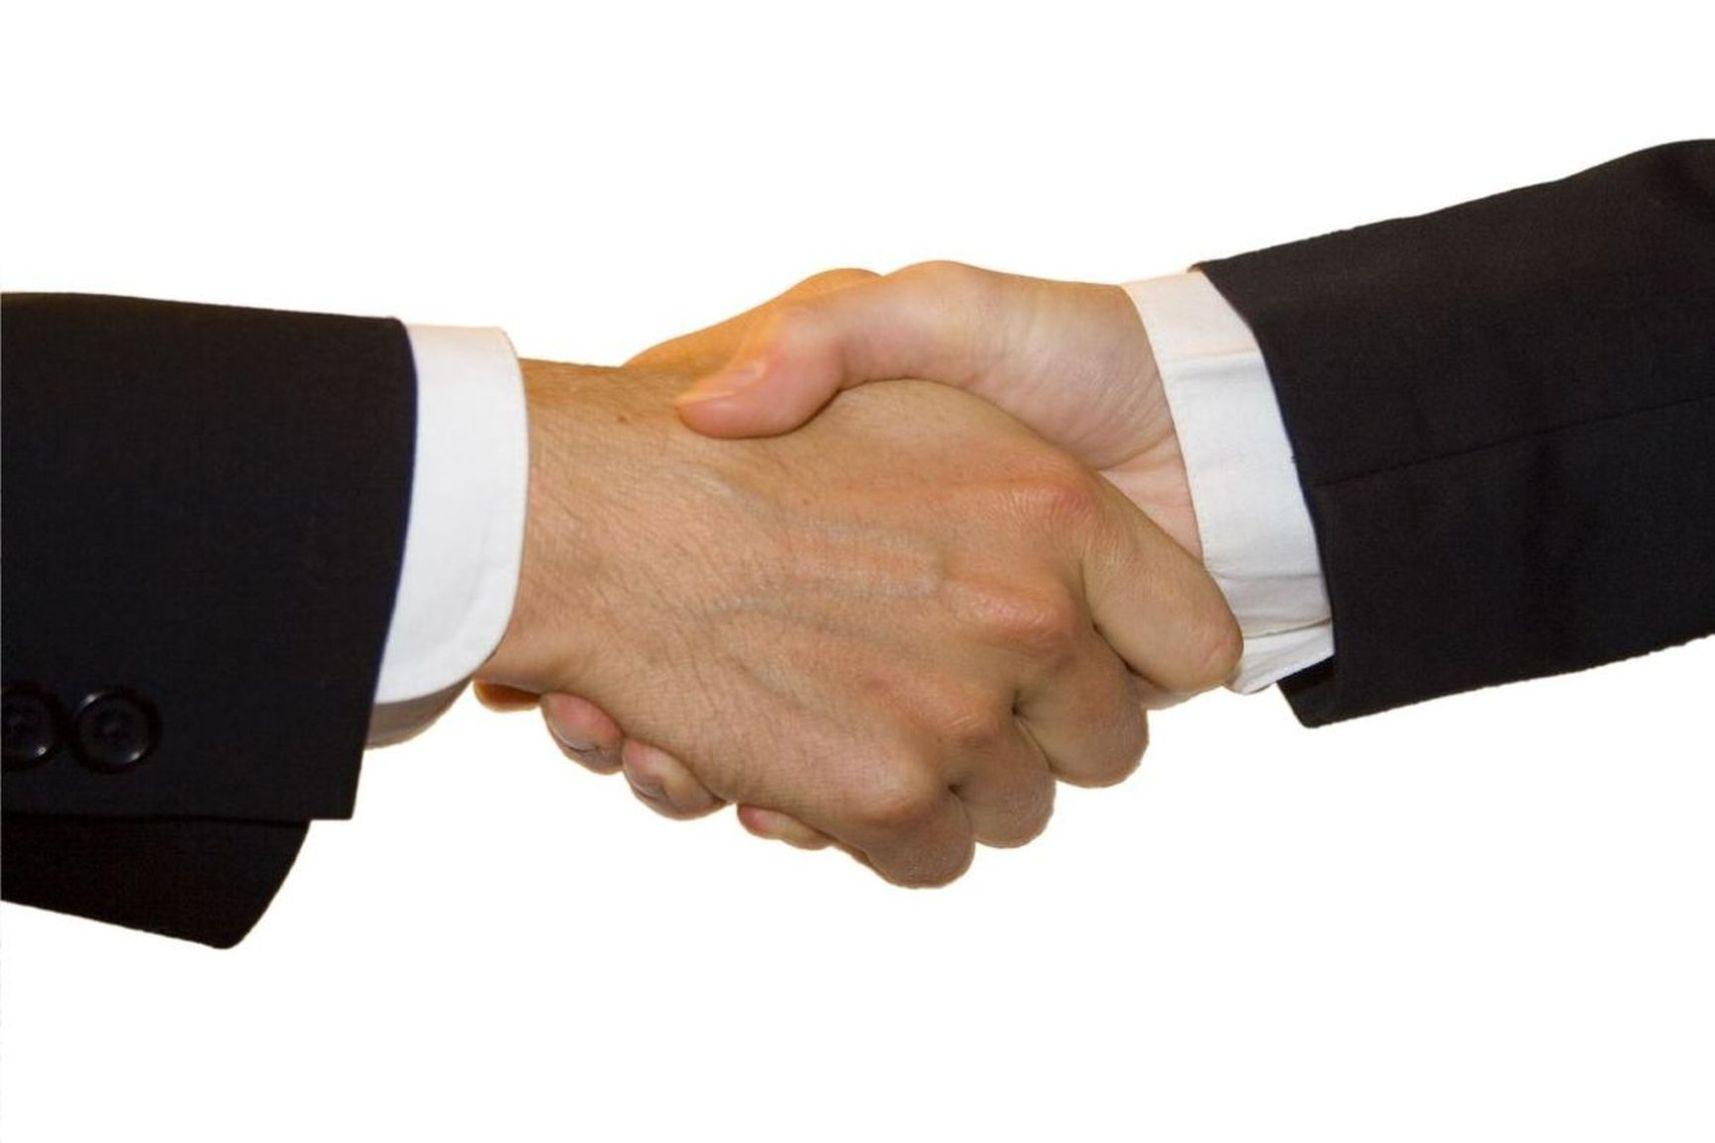 wynajem-samochodow-dostawczych-poznan-kontakt